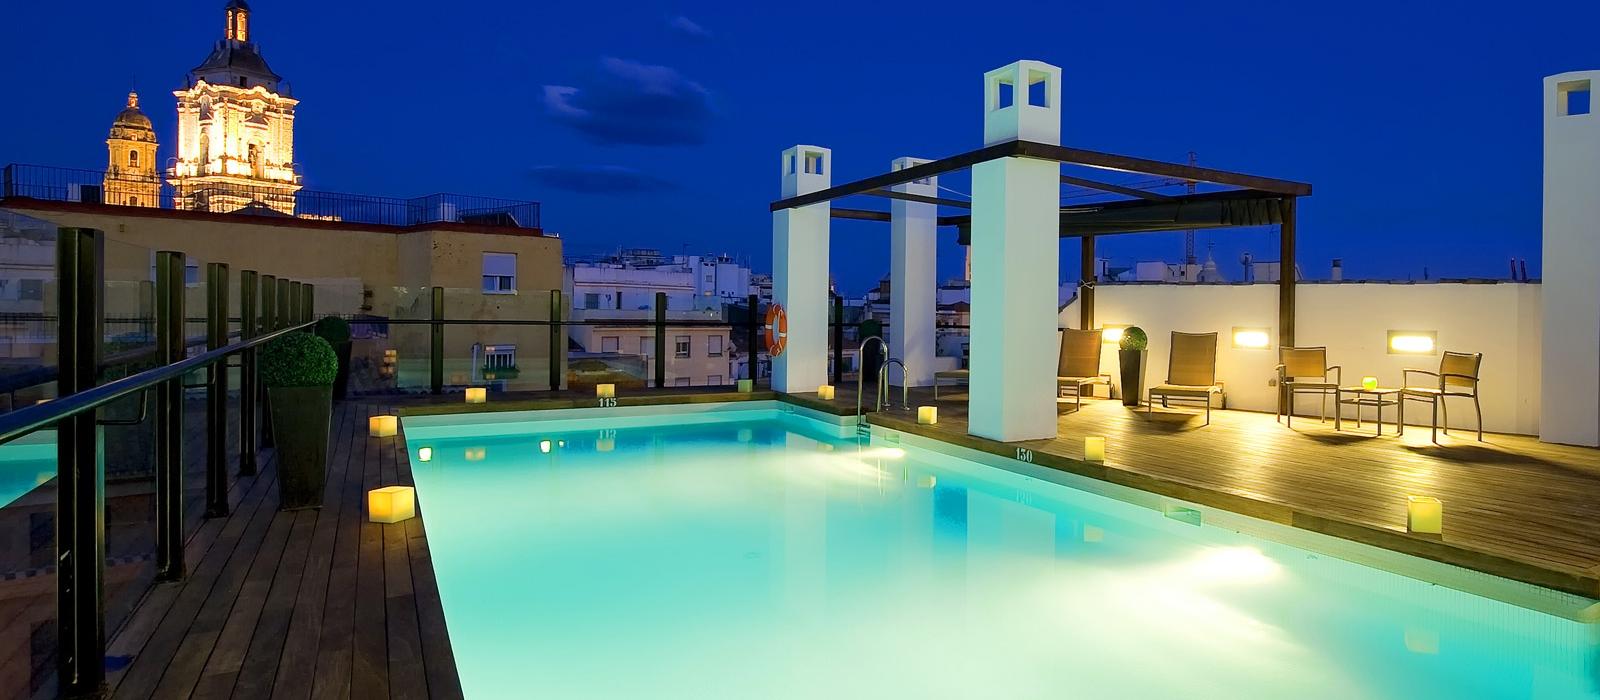 Services Hotel Málaga Posada del patio - Vincci Hotels - Plunge pool